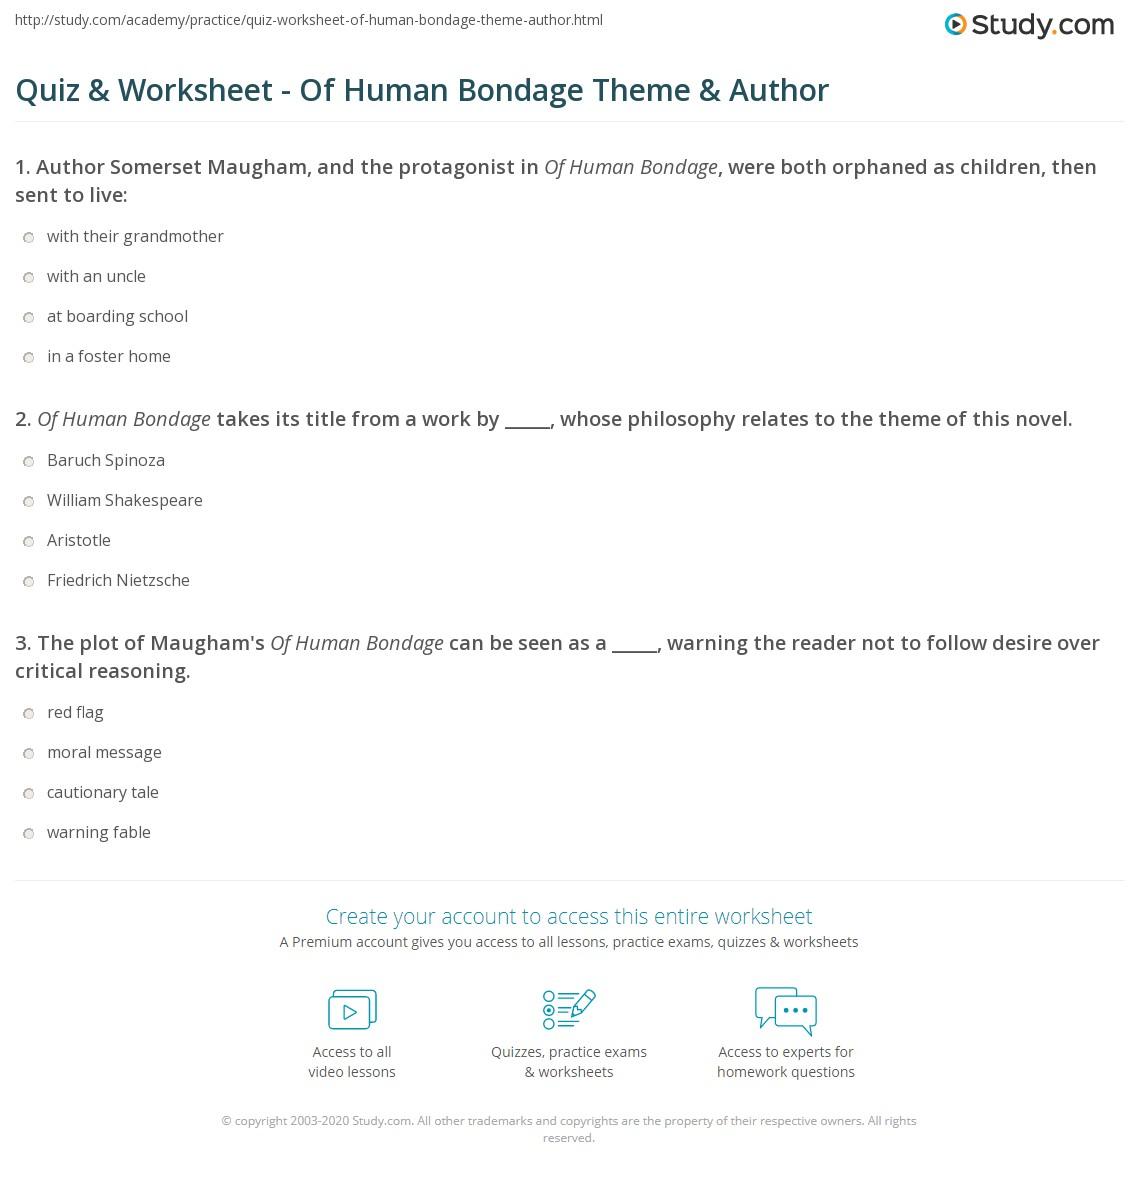 human bondage themes Of